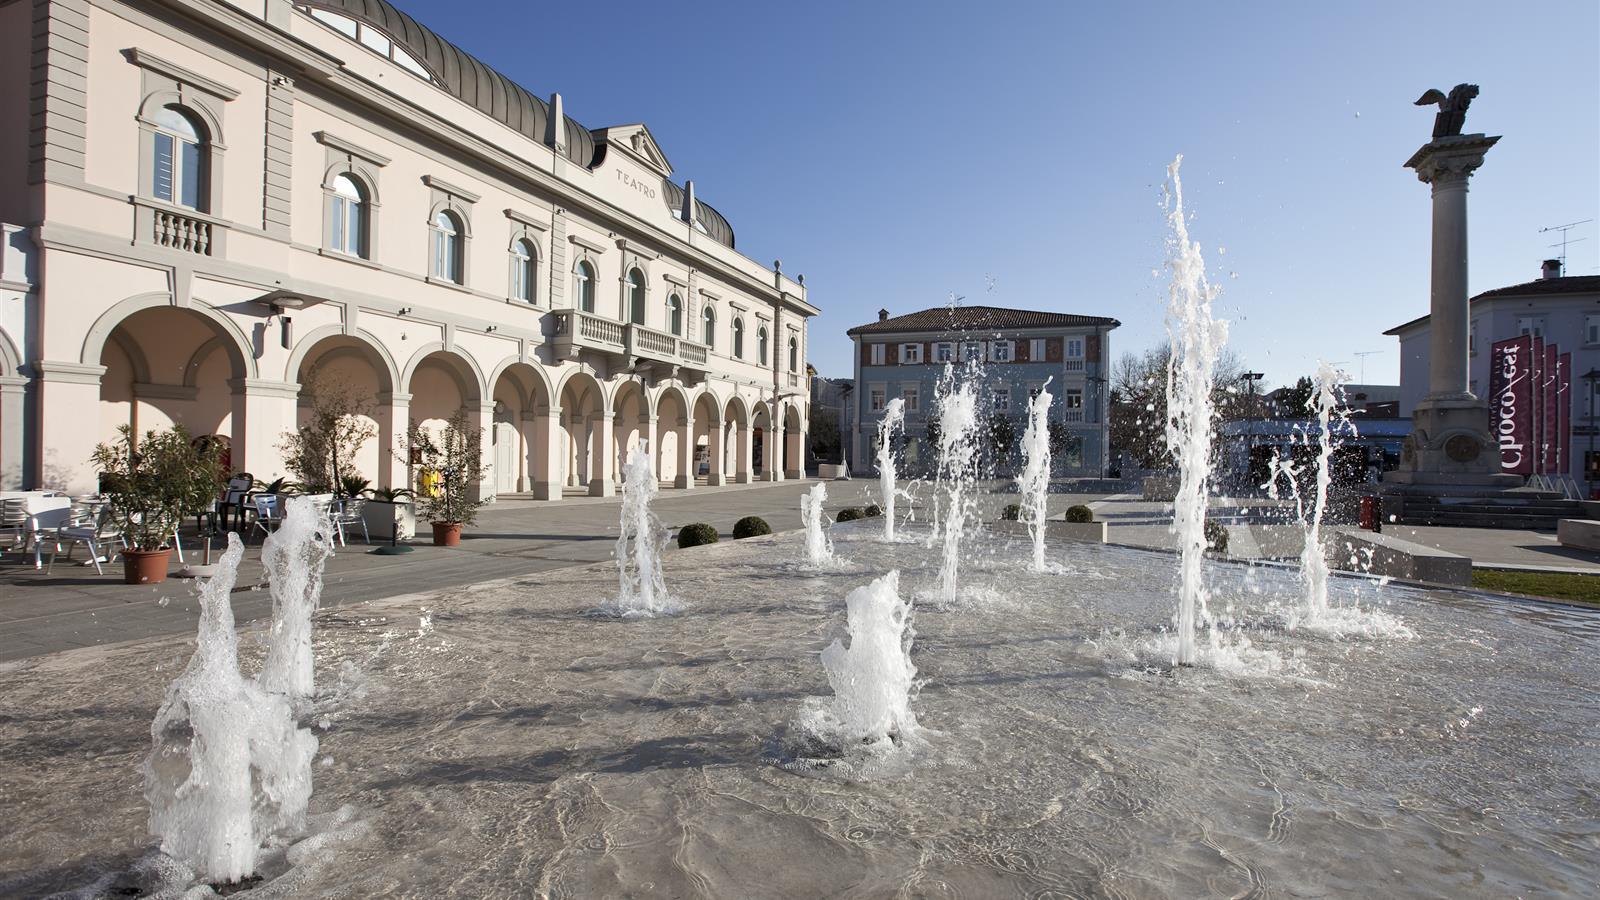 La Piazza di Gradisca d'Isonzo